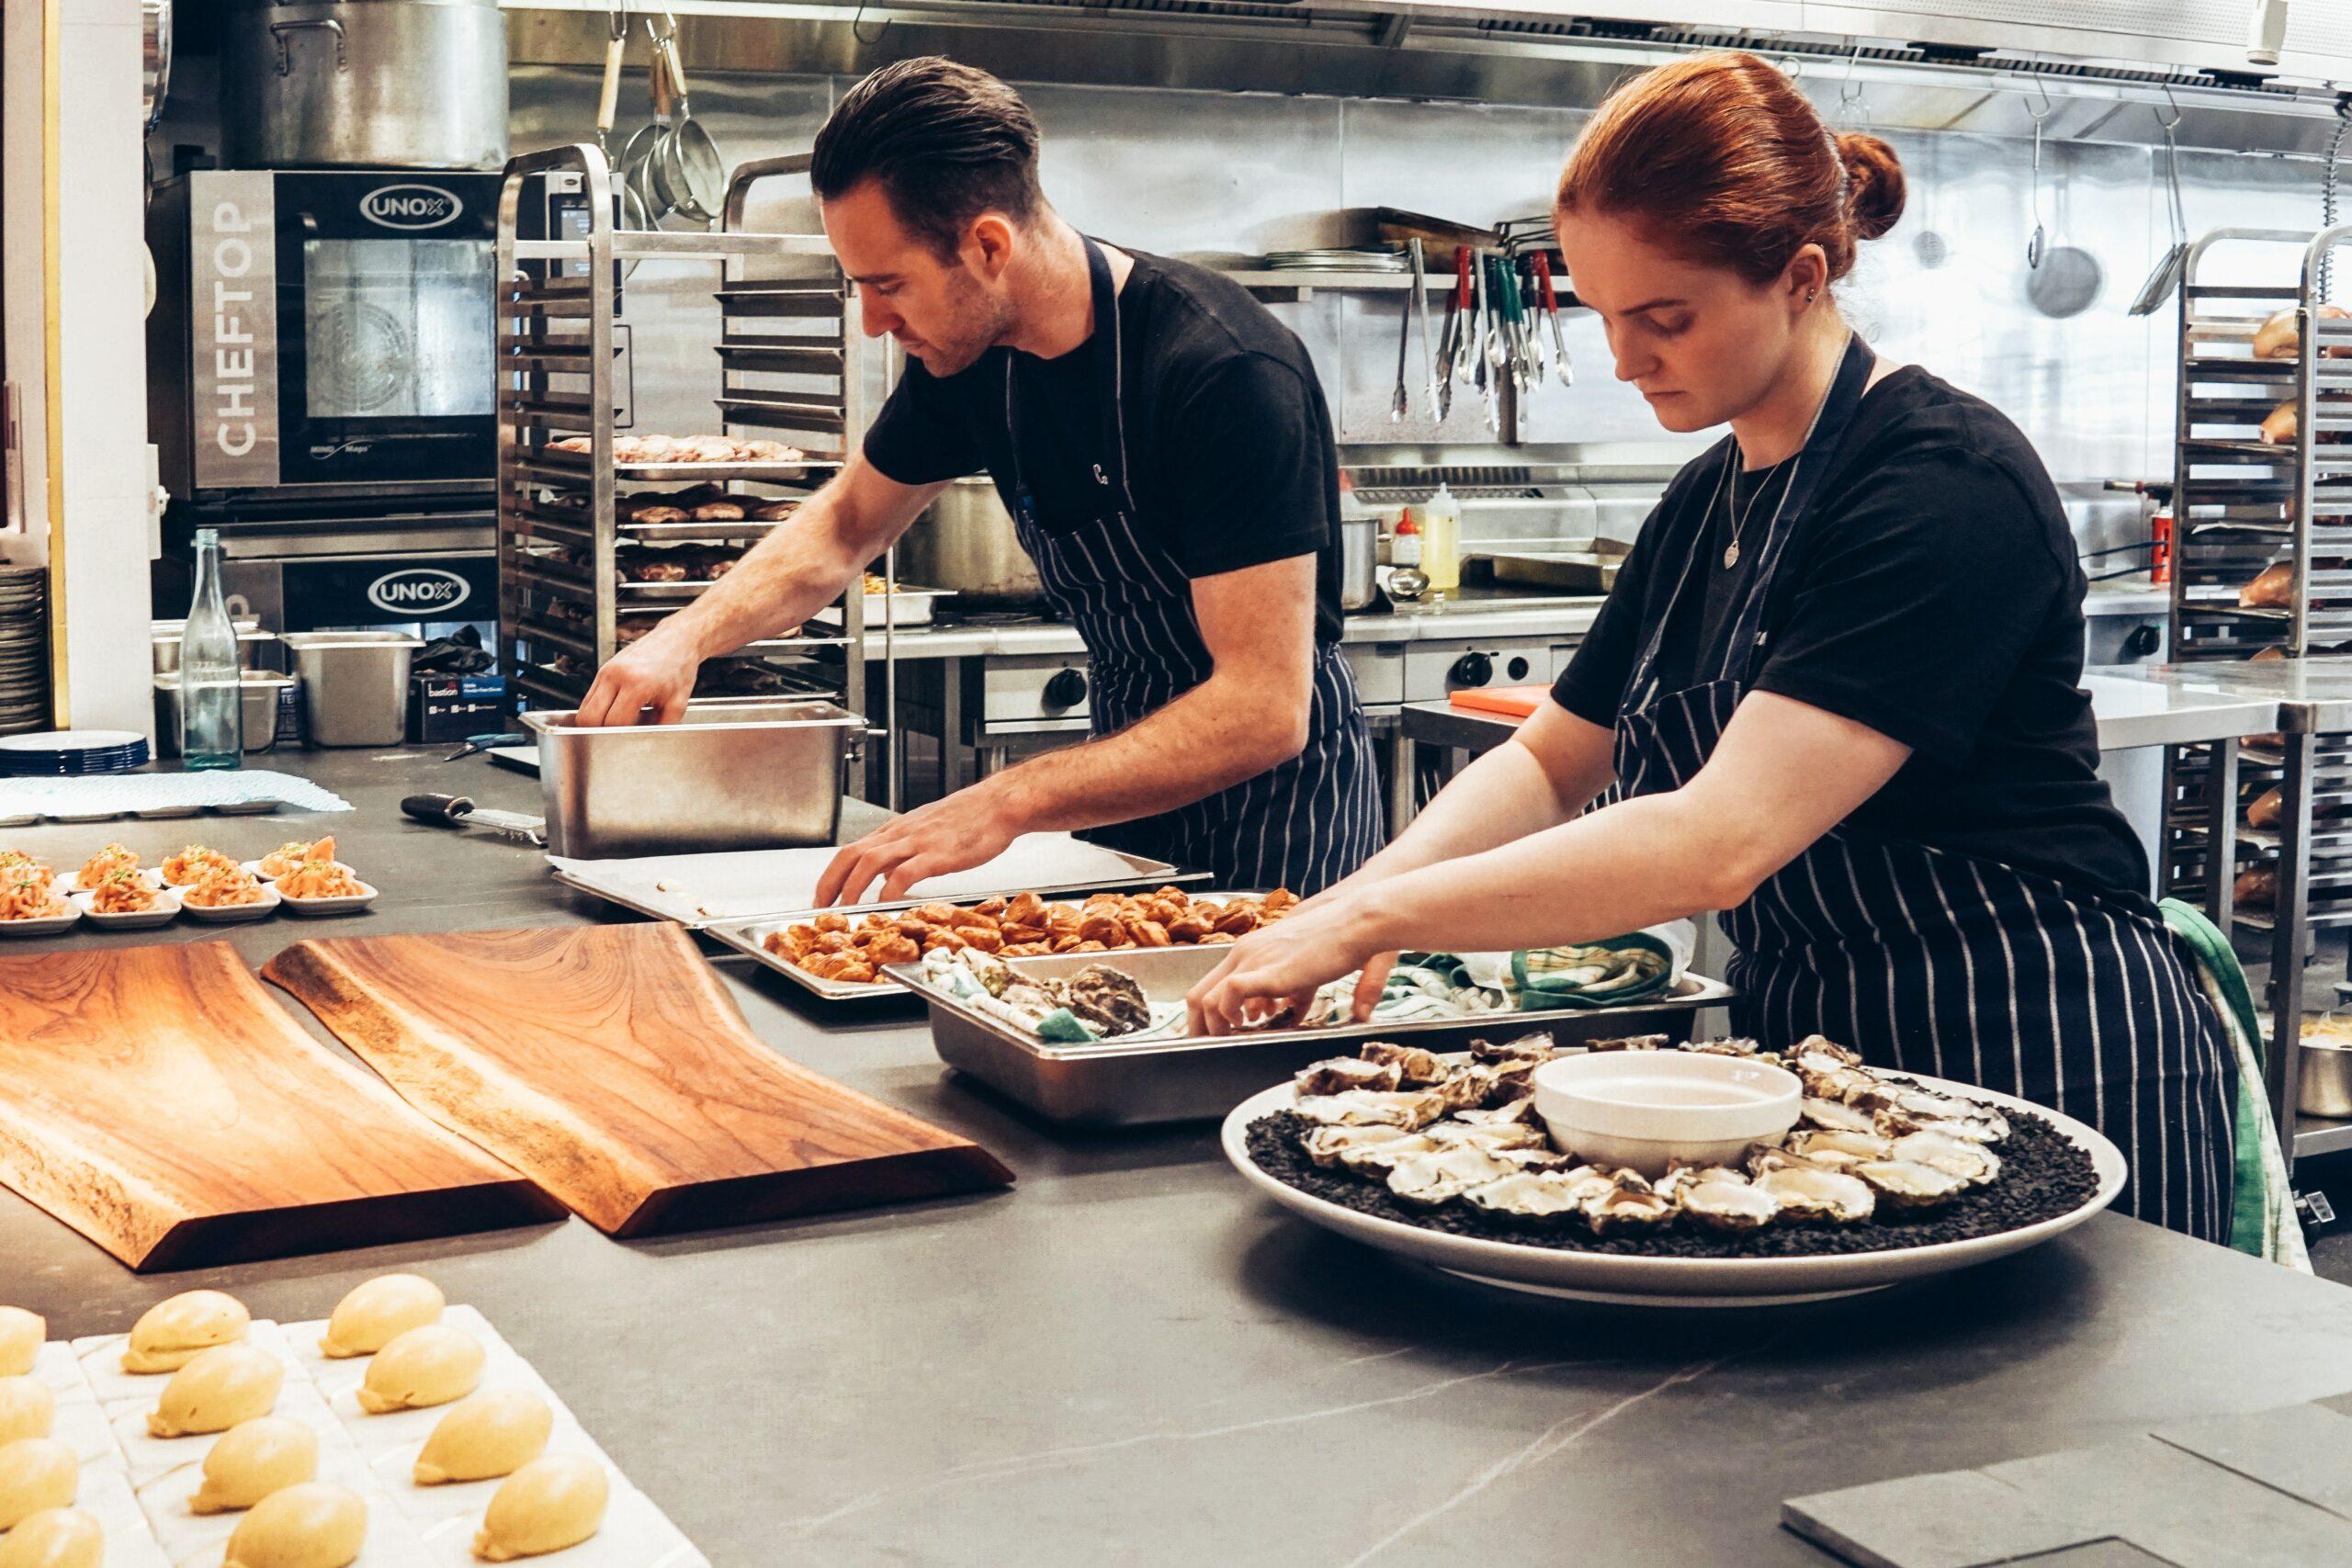 betriebsrestaurant zwei Personen kochen